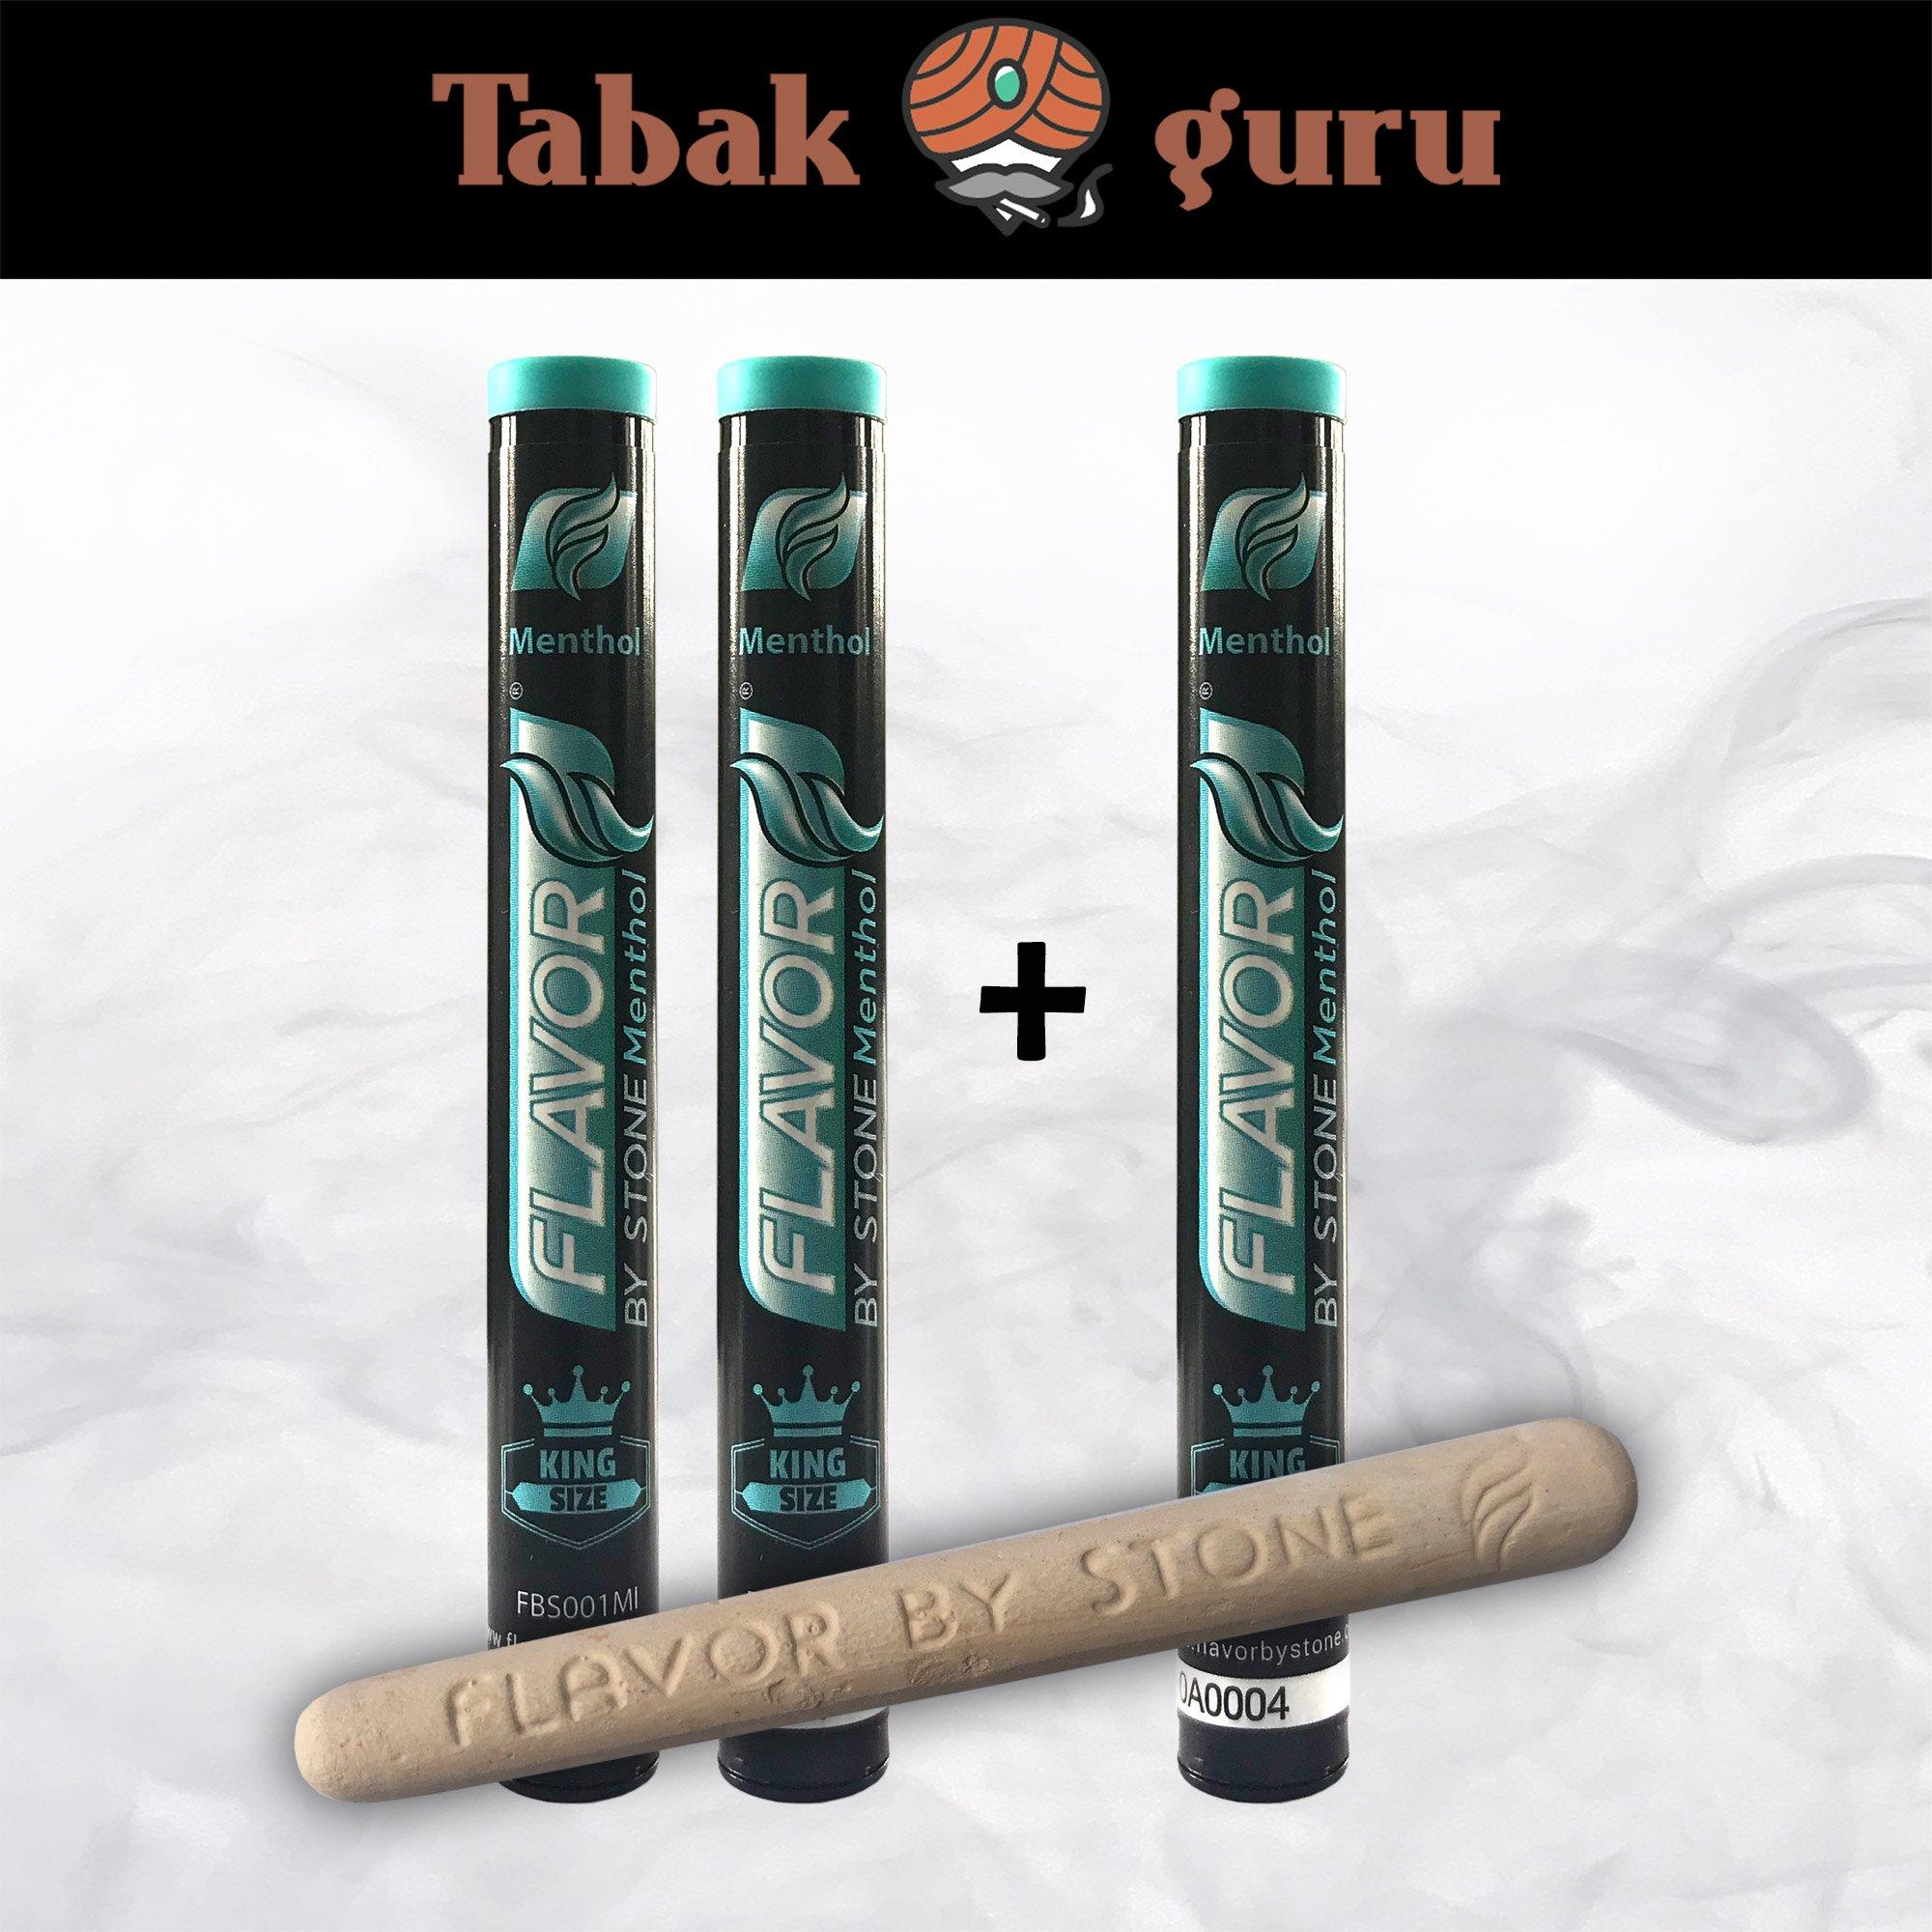 2x Menthol-Stein: Menthol-Aroma für Zigaretten & Tabak + 1 geschenkt